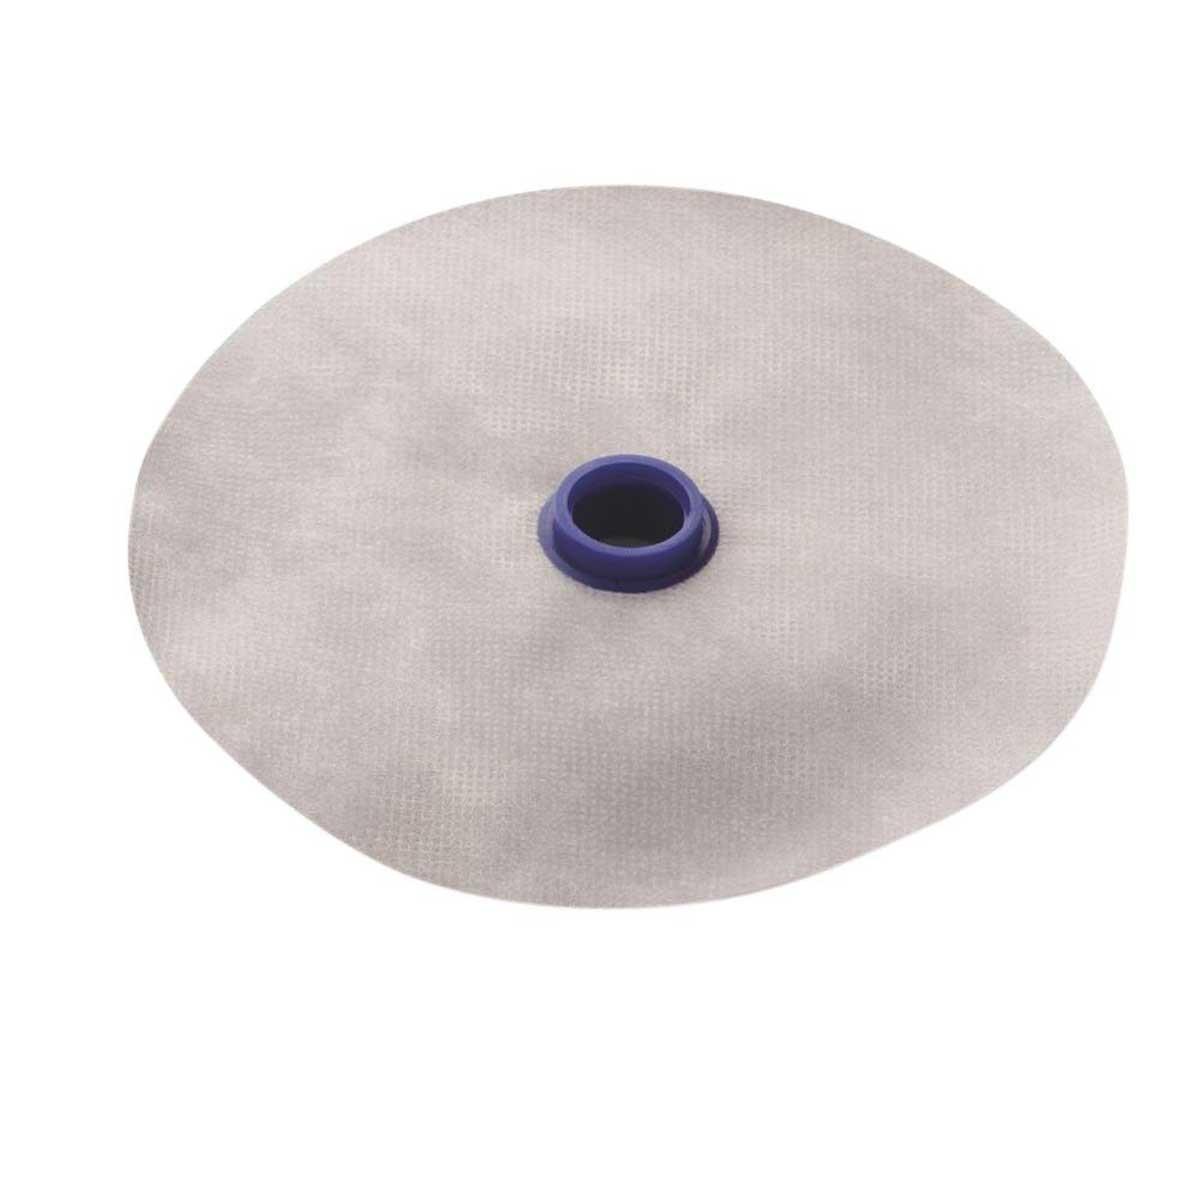 Durock Shower System Pipe seal tile